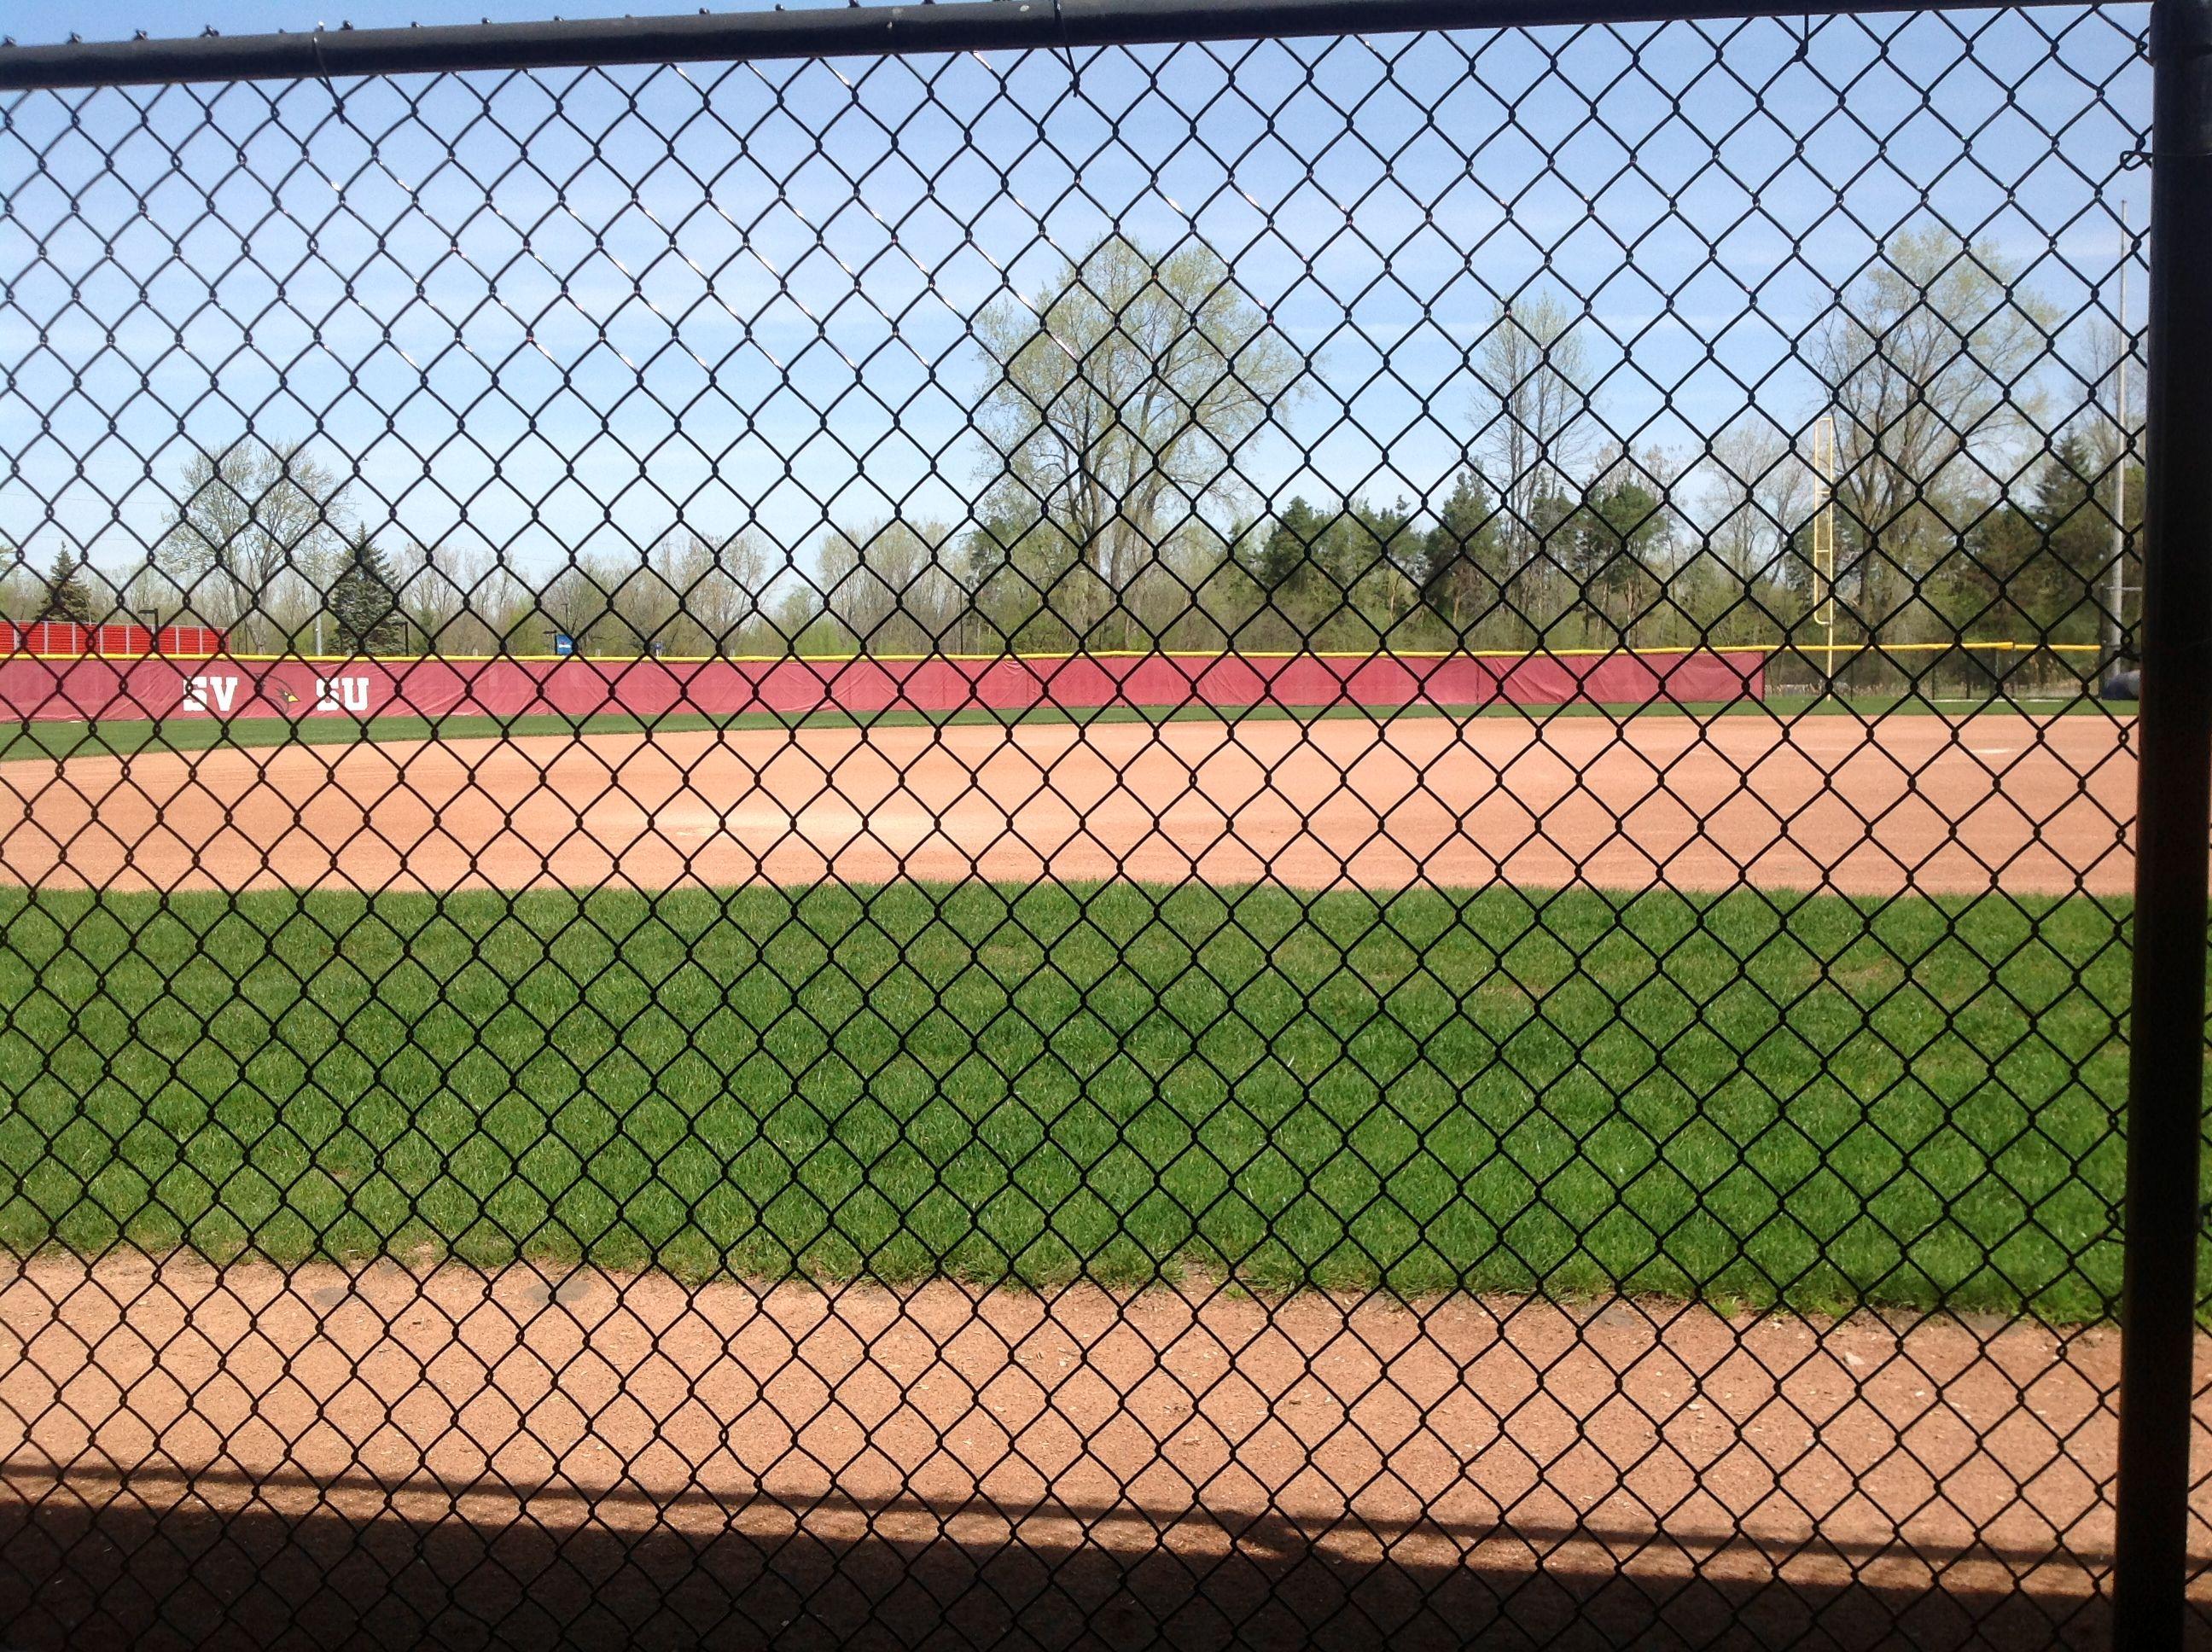 Svsu Softball Field Campus Softball Field